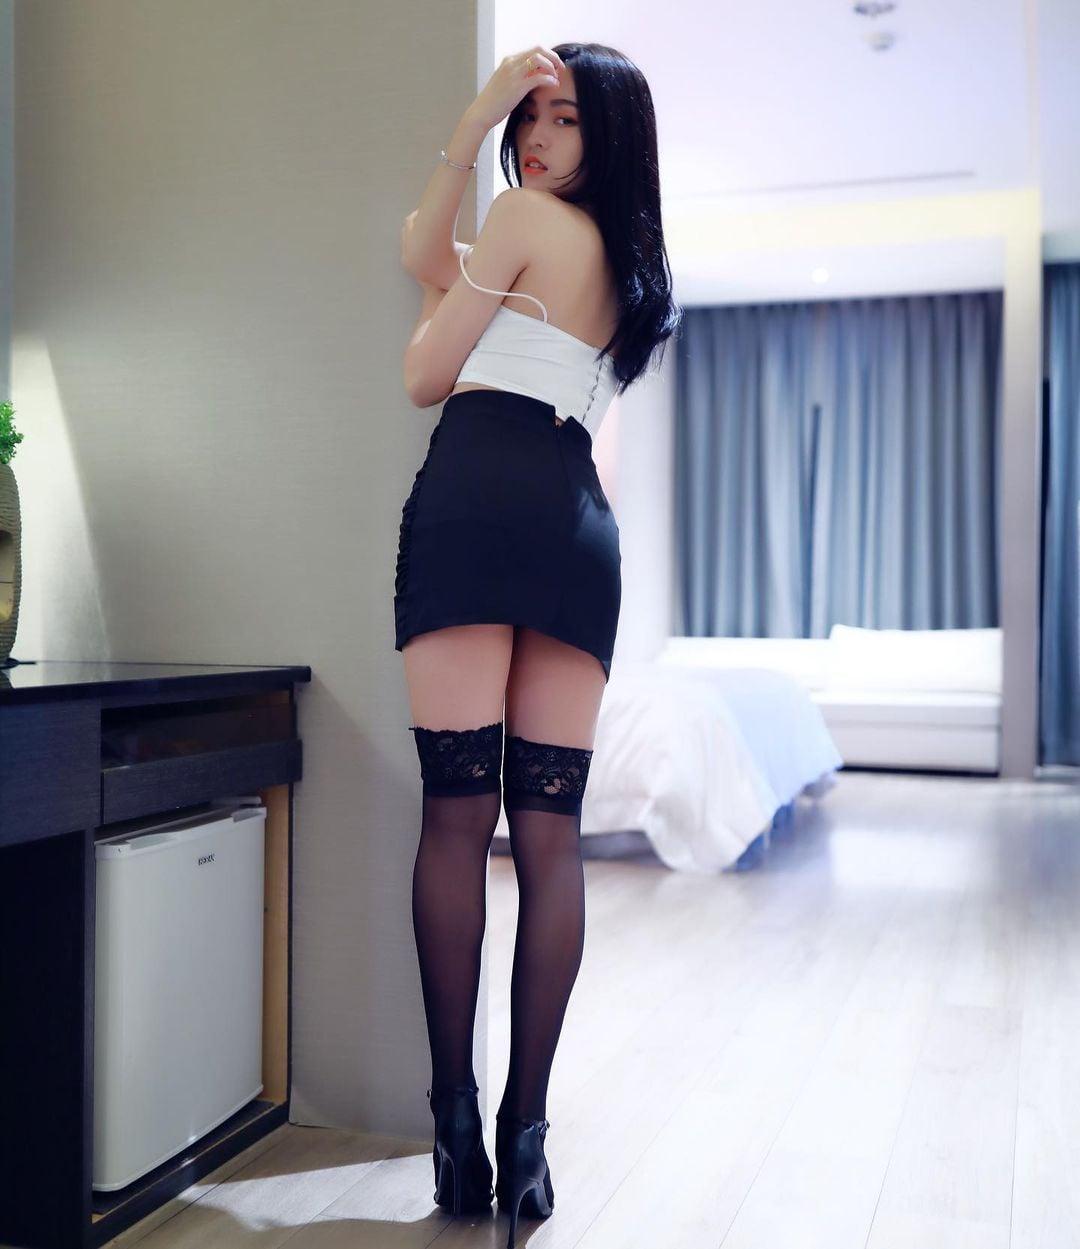 長腿正妹 內衣入鏡